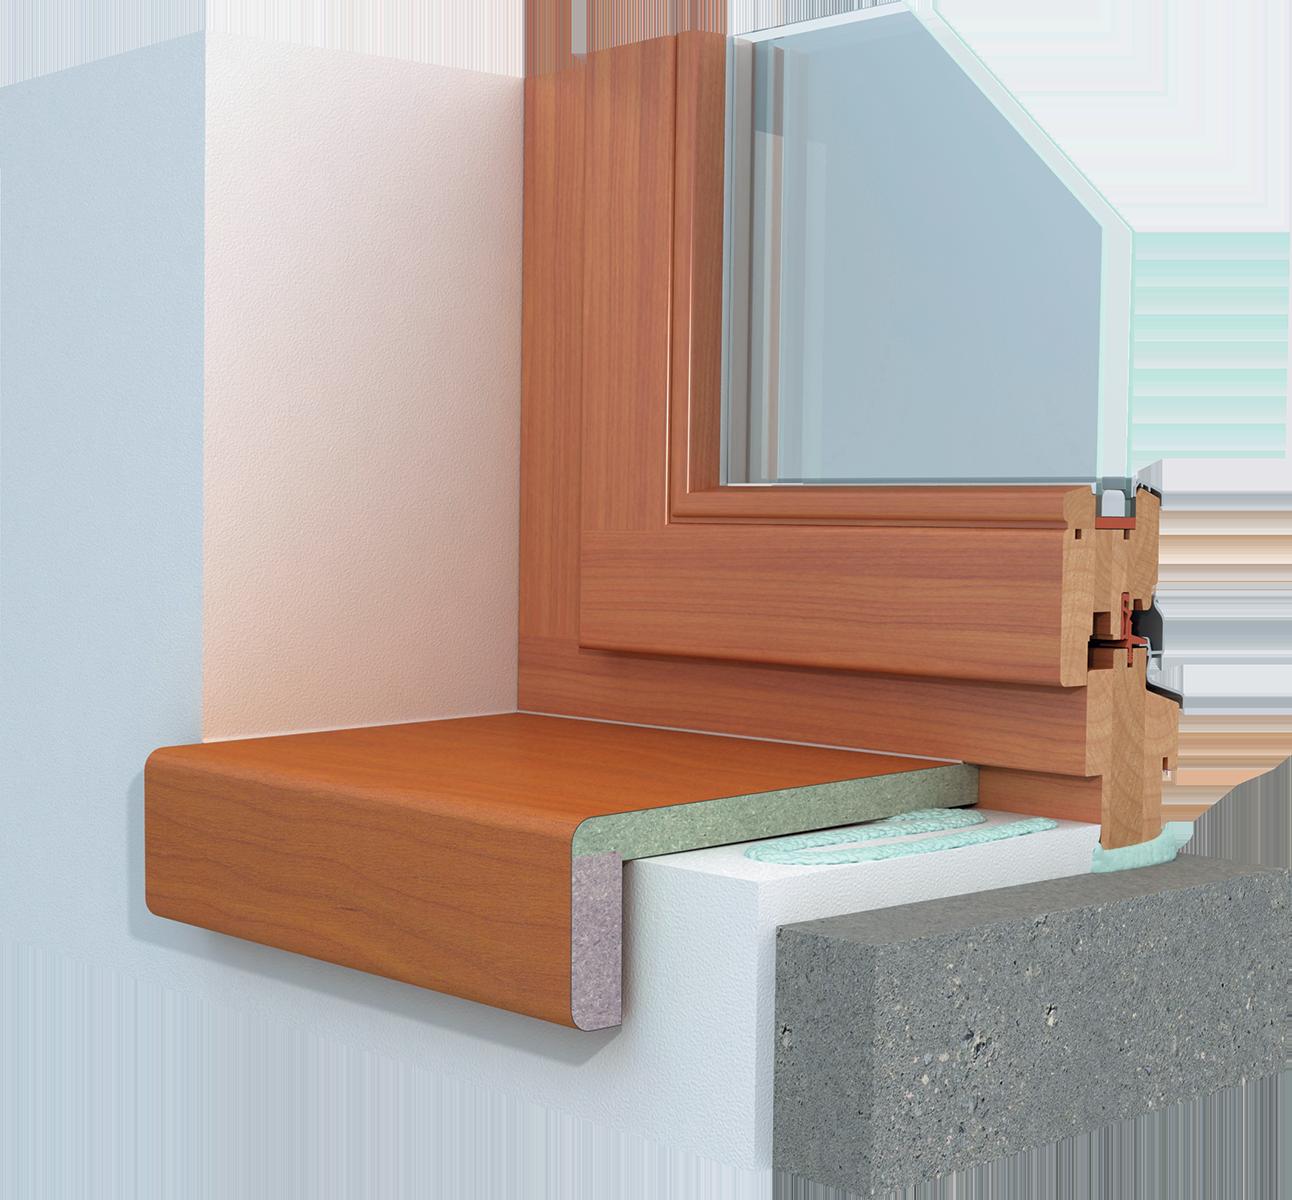 holz fensterbank innen fensterbank innen holz einbauen luxus die besten fensterbank aussen. Black Bedroom Furniture Sets. Home Design Ideas